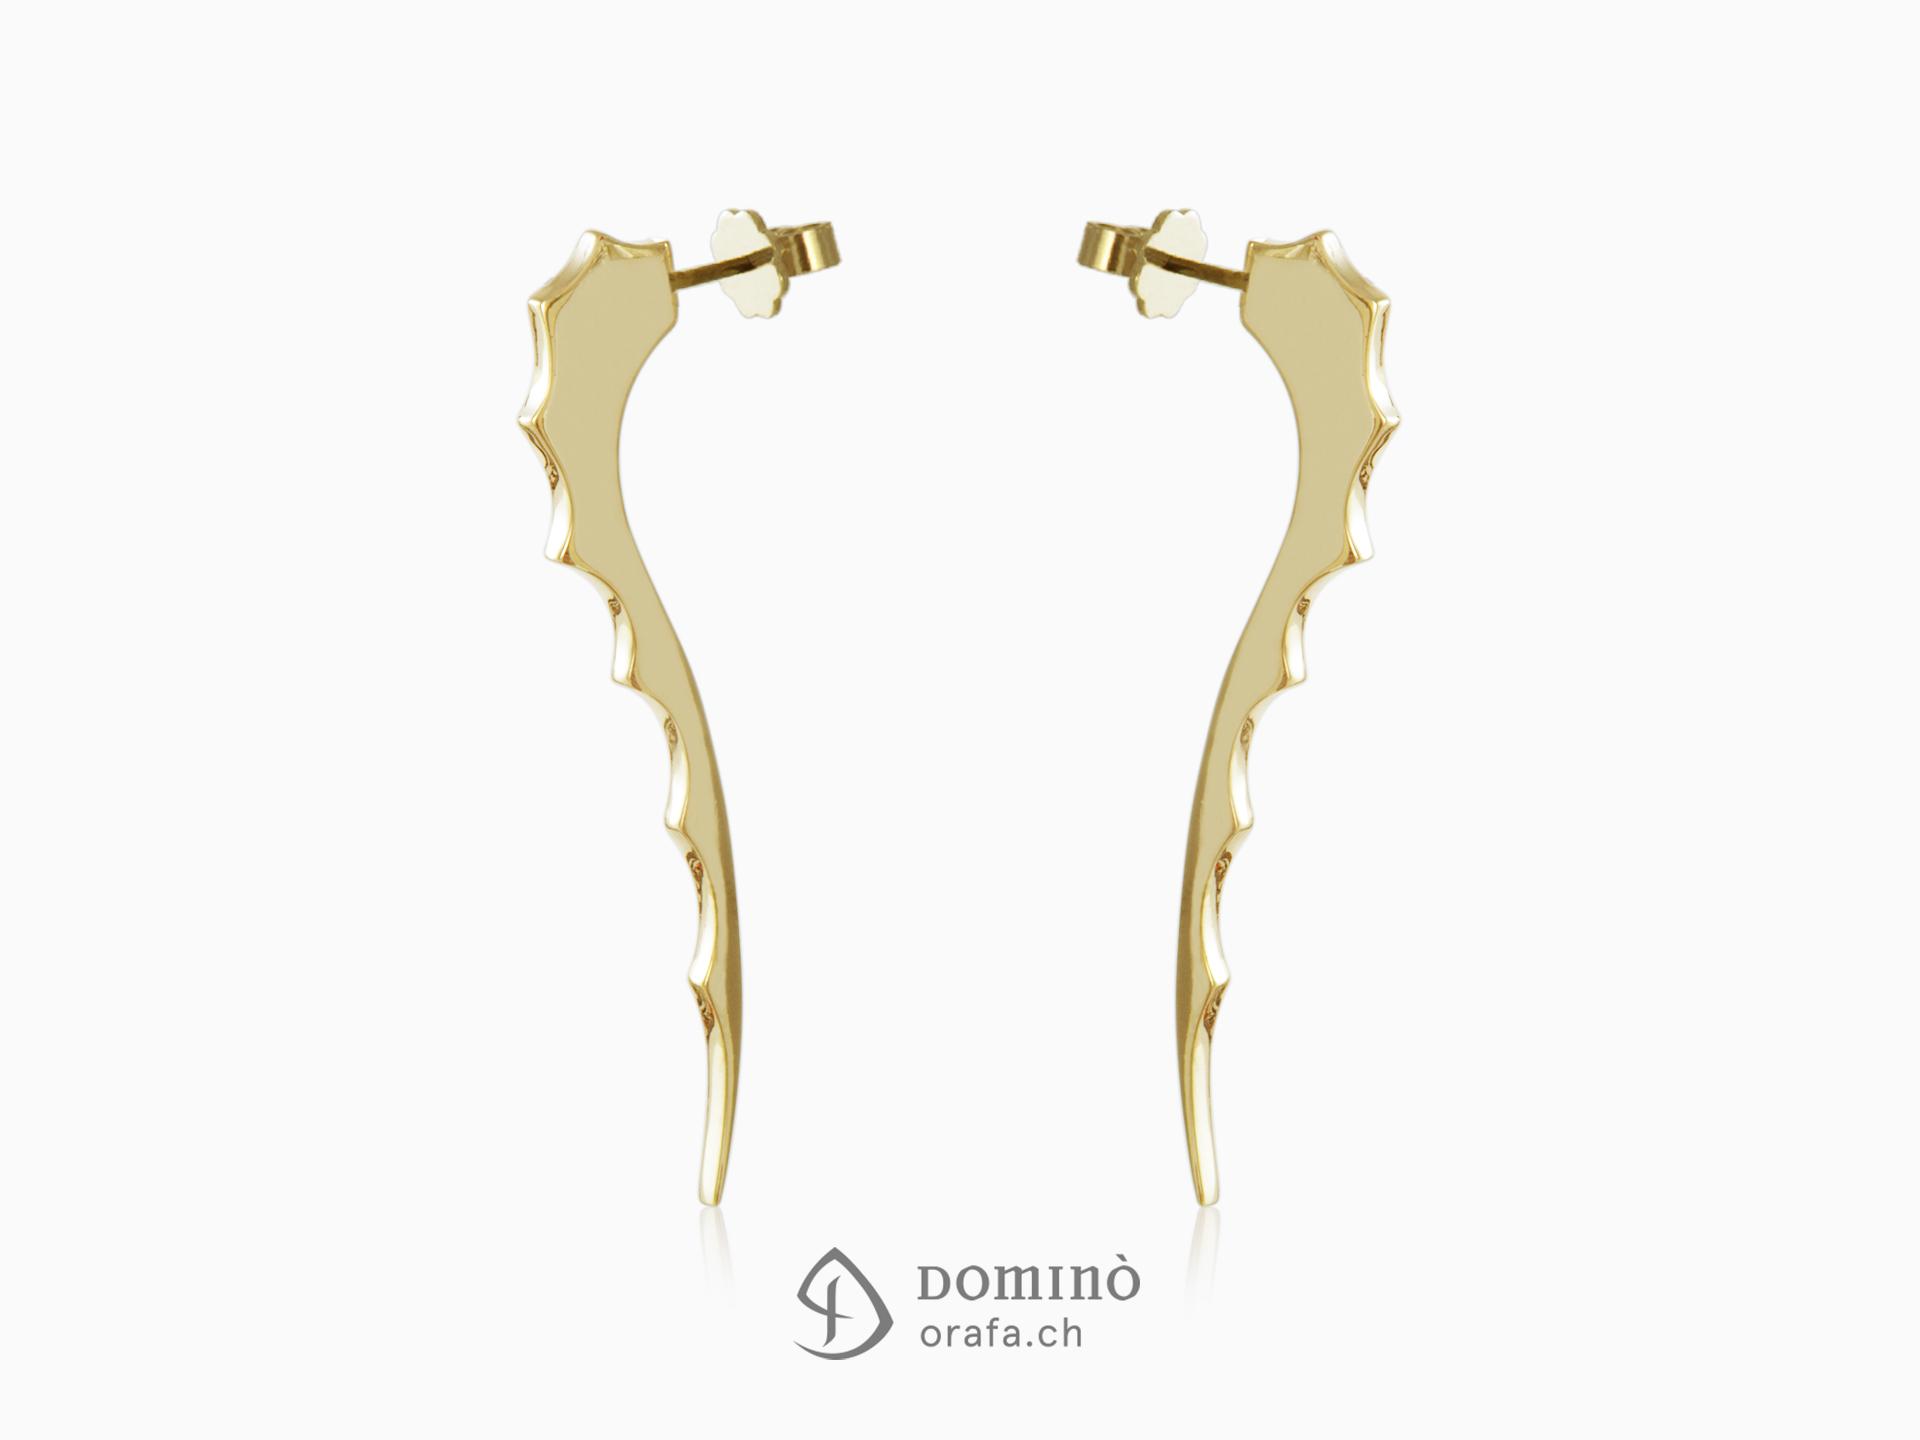 Dragon's Tail earrings